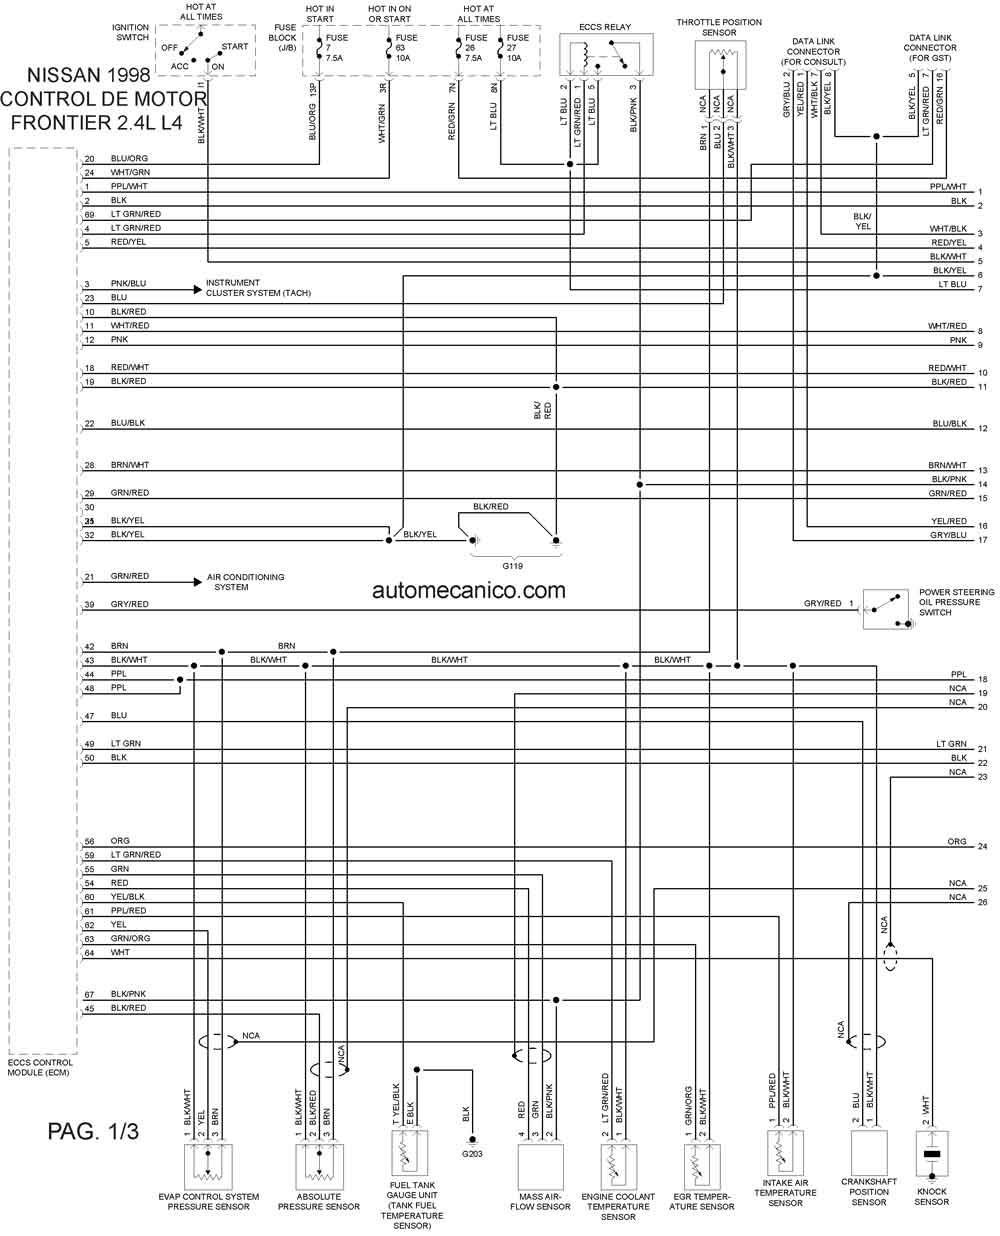 Nissan Pulsar Stereo Wiring Diagram Diagrams 1996 Tacoma Pnp N16 Pathfinder 2001